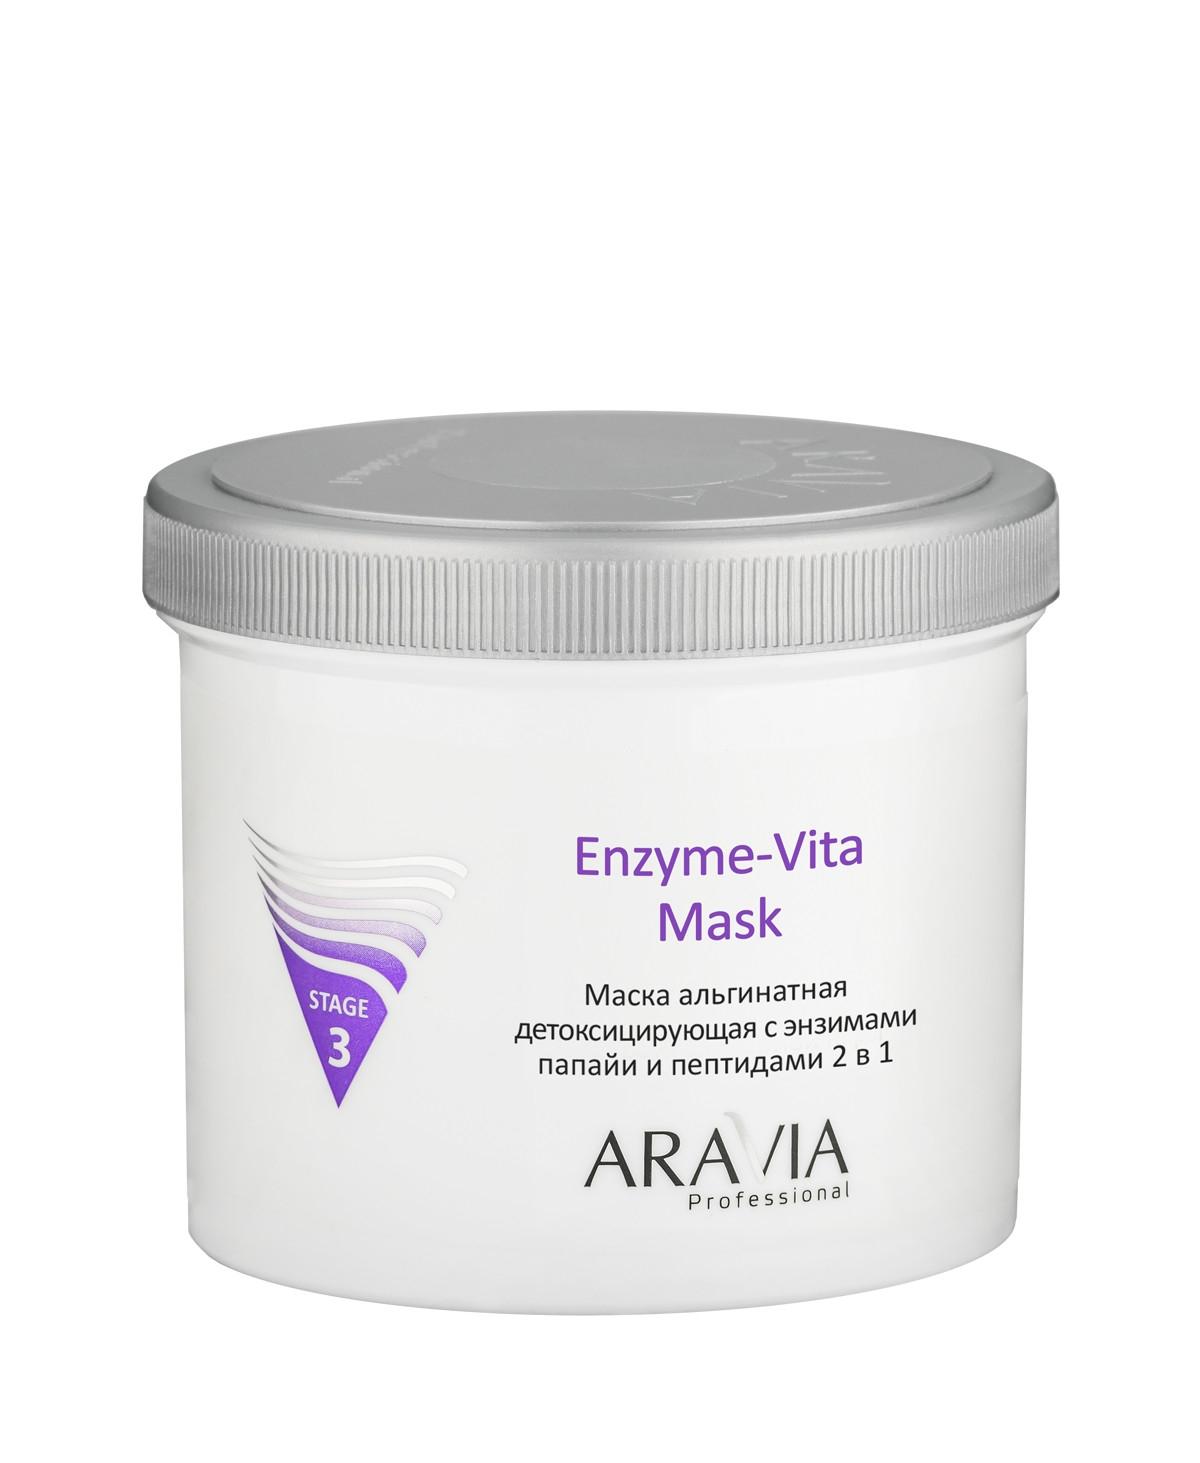 ARAVIA Маска Enzyme-Vita Mask Альгинатная Детоксицирующая с Энзимами Папайи и Пептидами, 550 мл